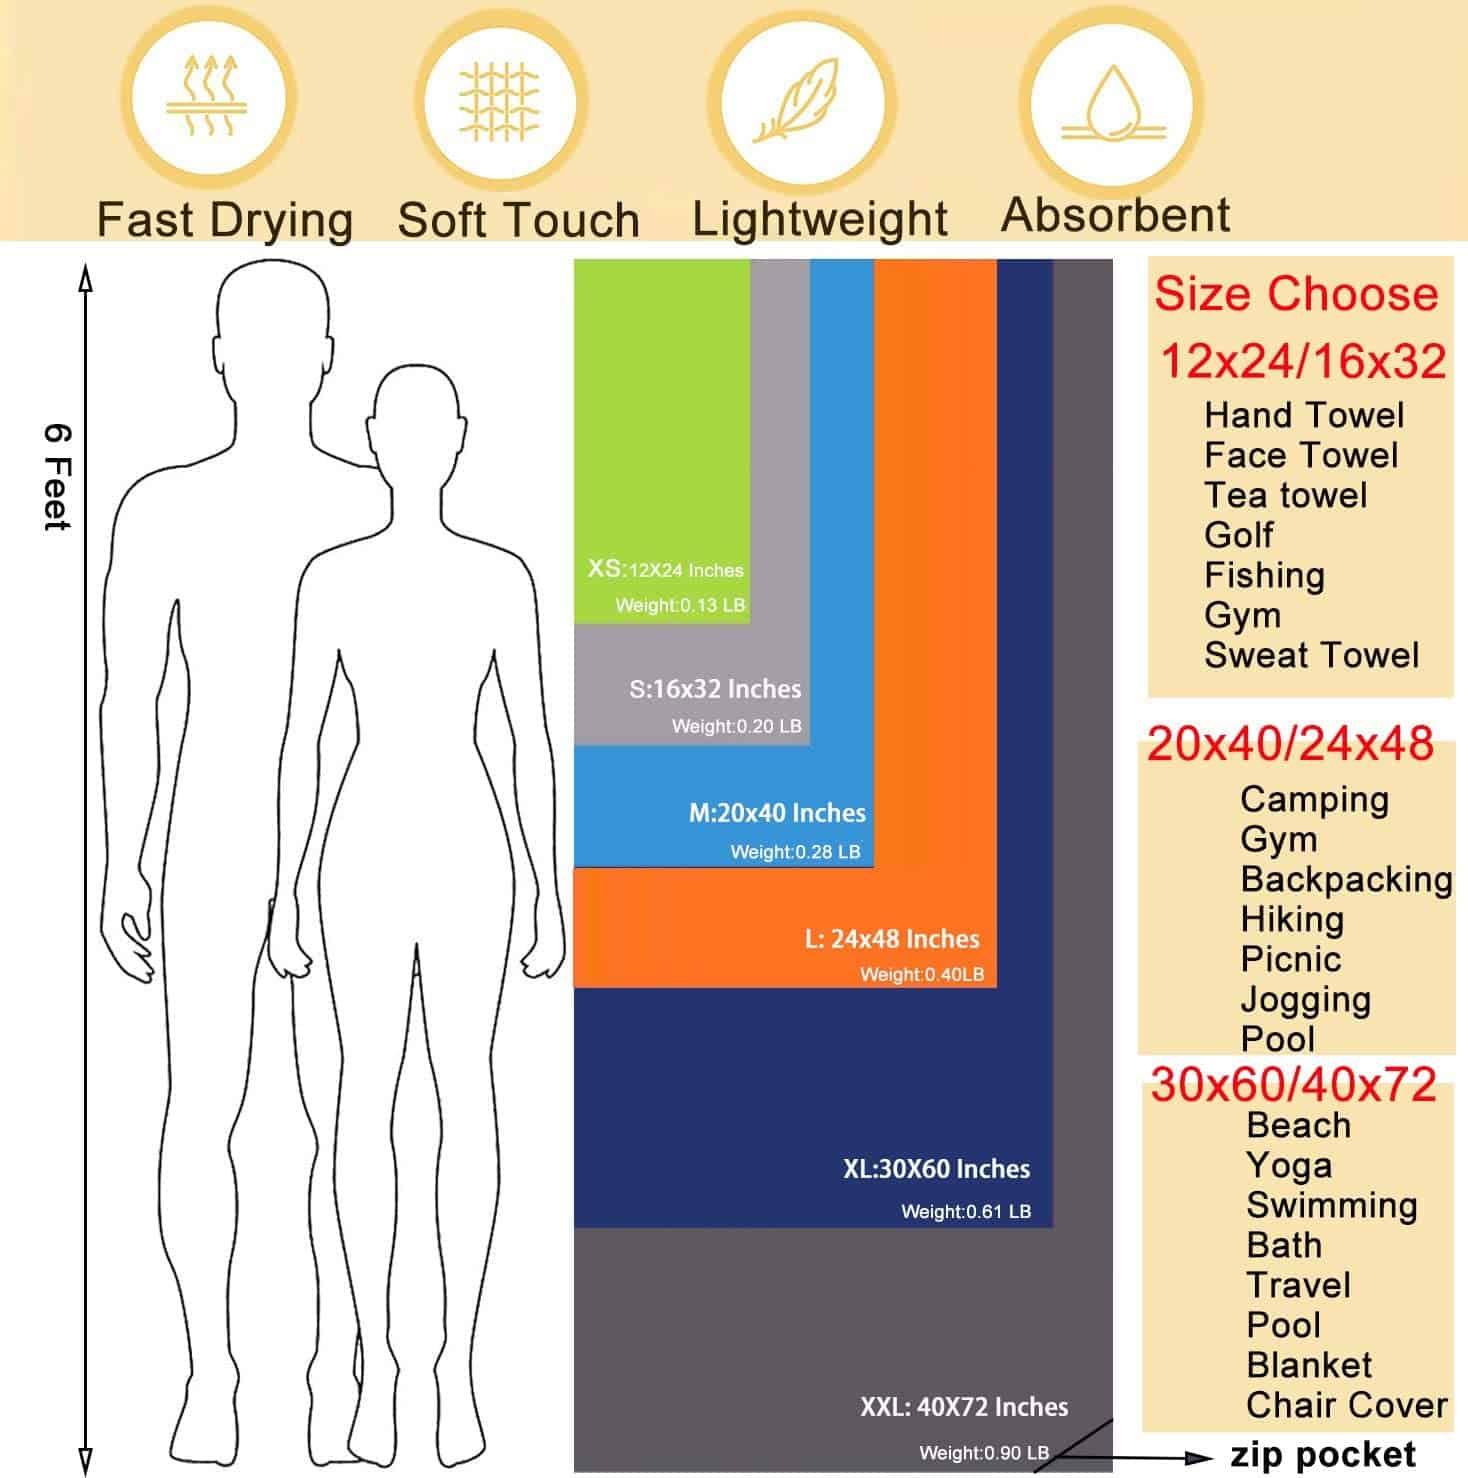 Rainleaf Microfiber Towel Sizes